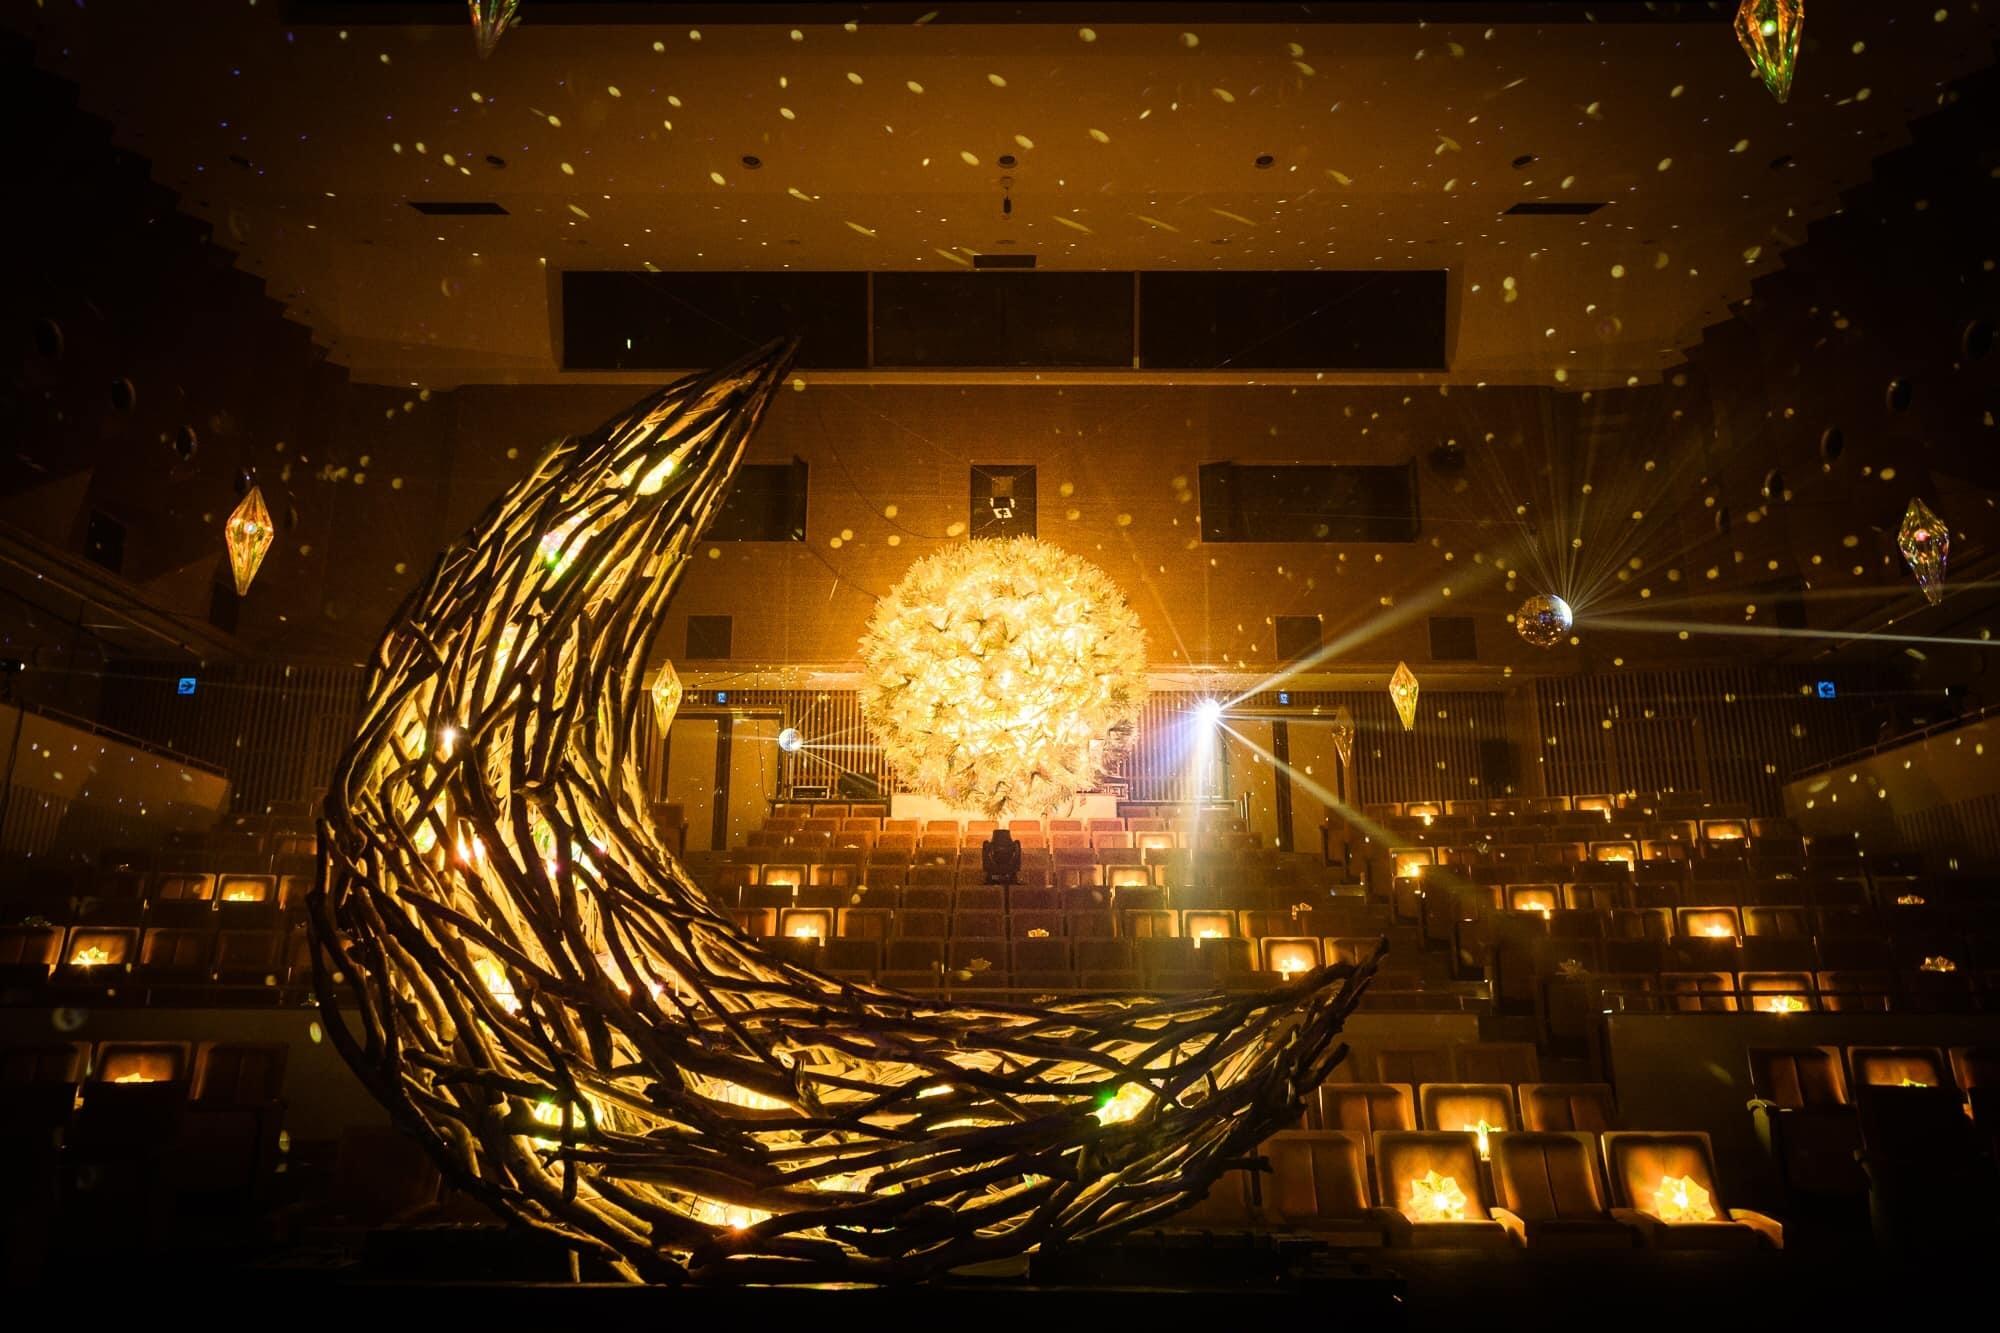 光の展示会「MIRRORBOWLER ~TIDAMOON 太陽と月~」